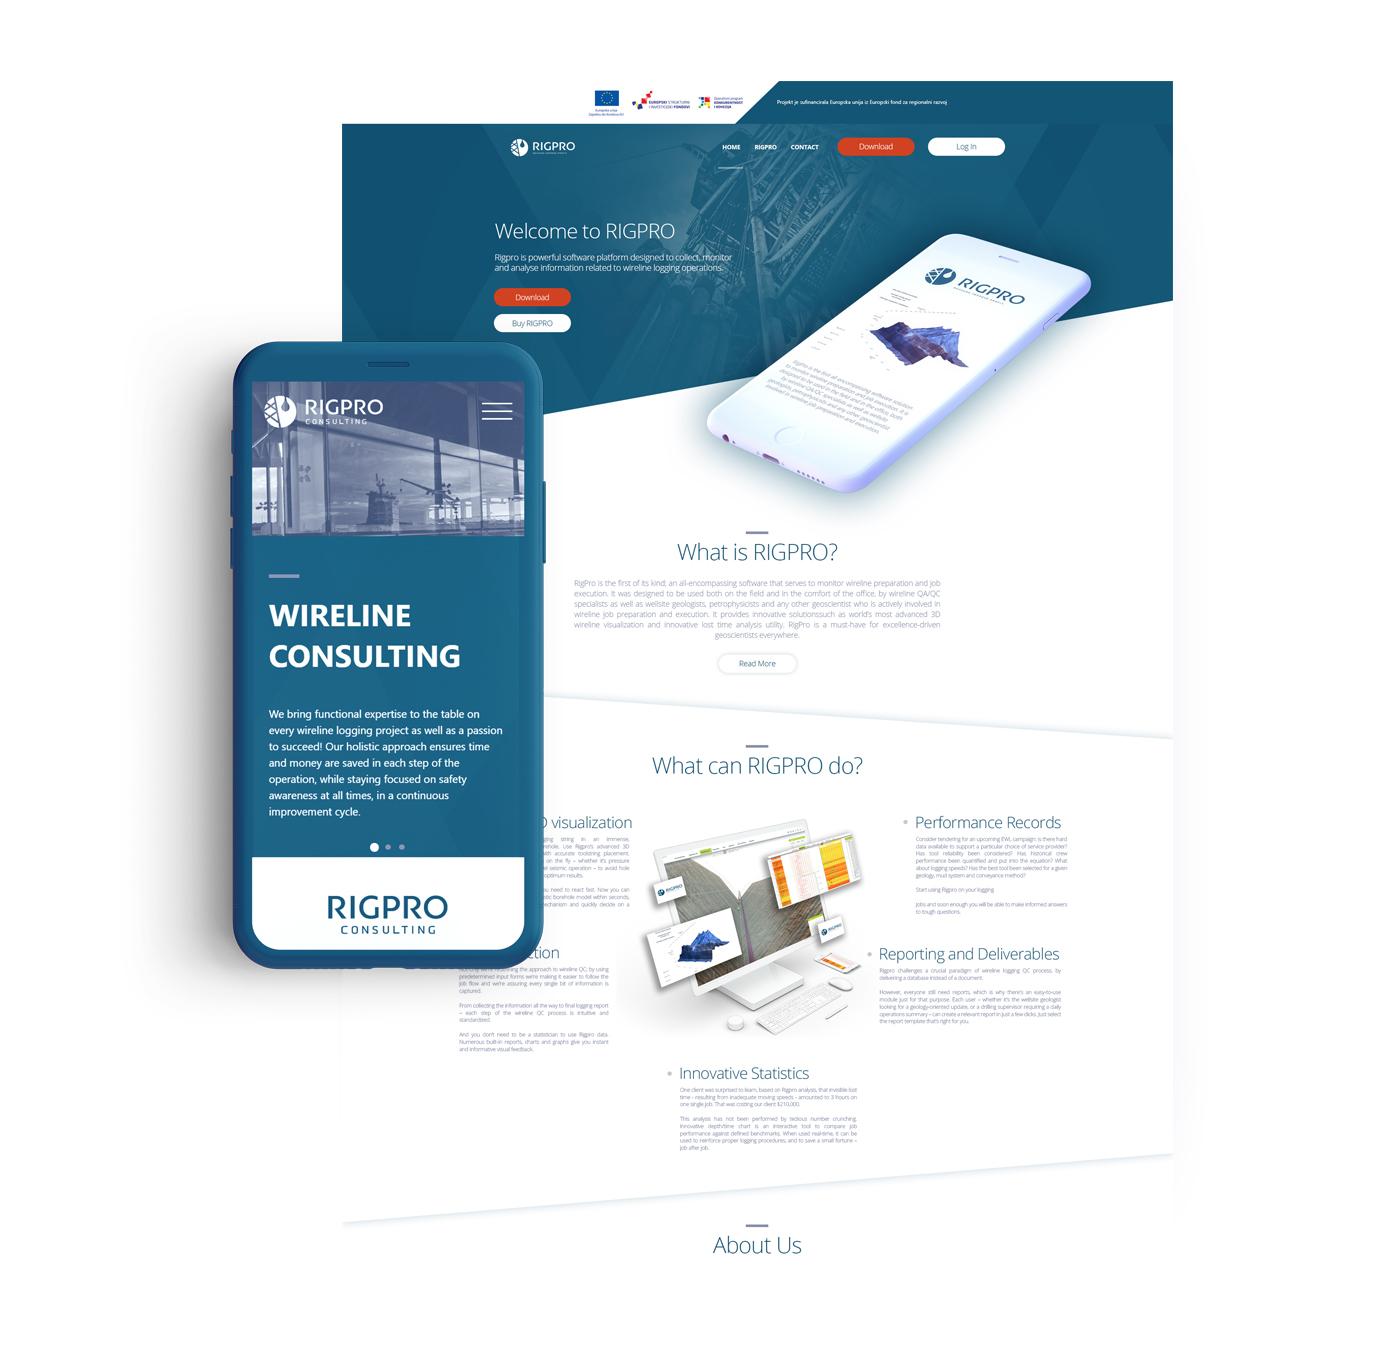 rigpro mobile web